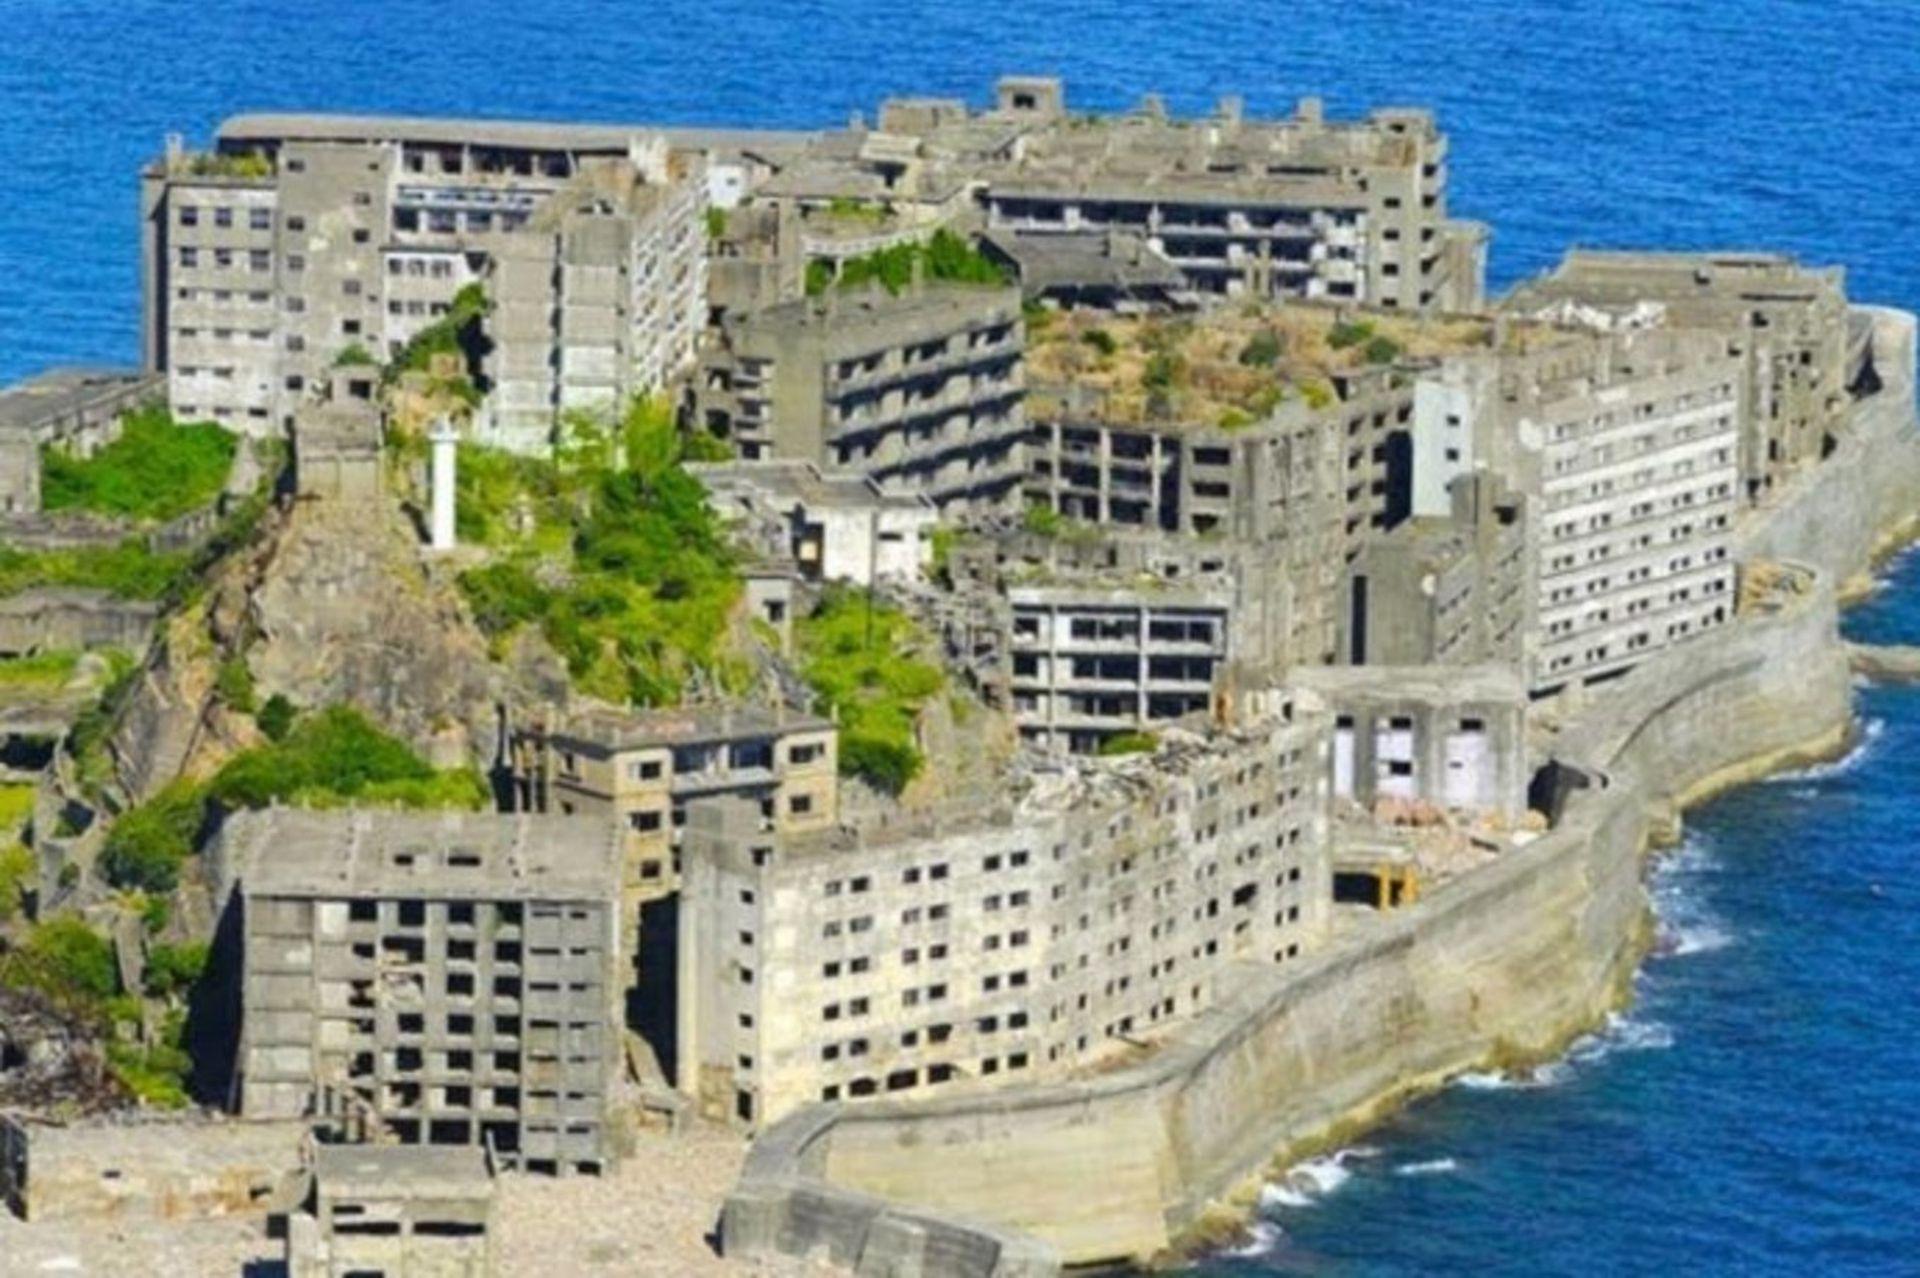 Por sus grandes murallas y construcciones de hormigón, Hashima fue llamada también isla acorazada o isla sin verde